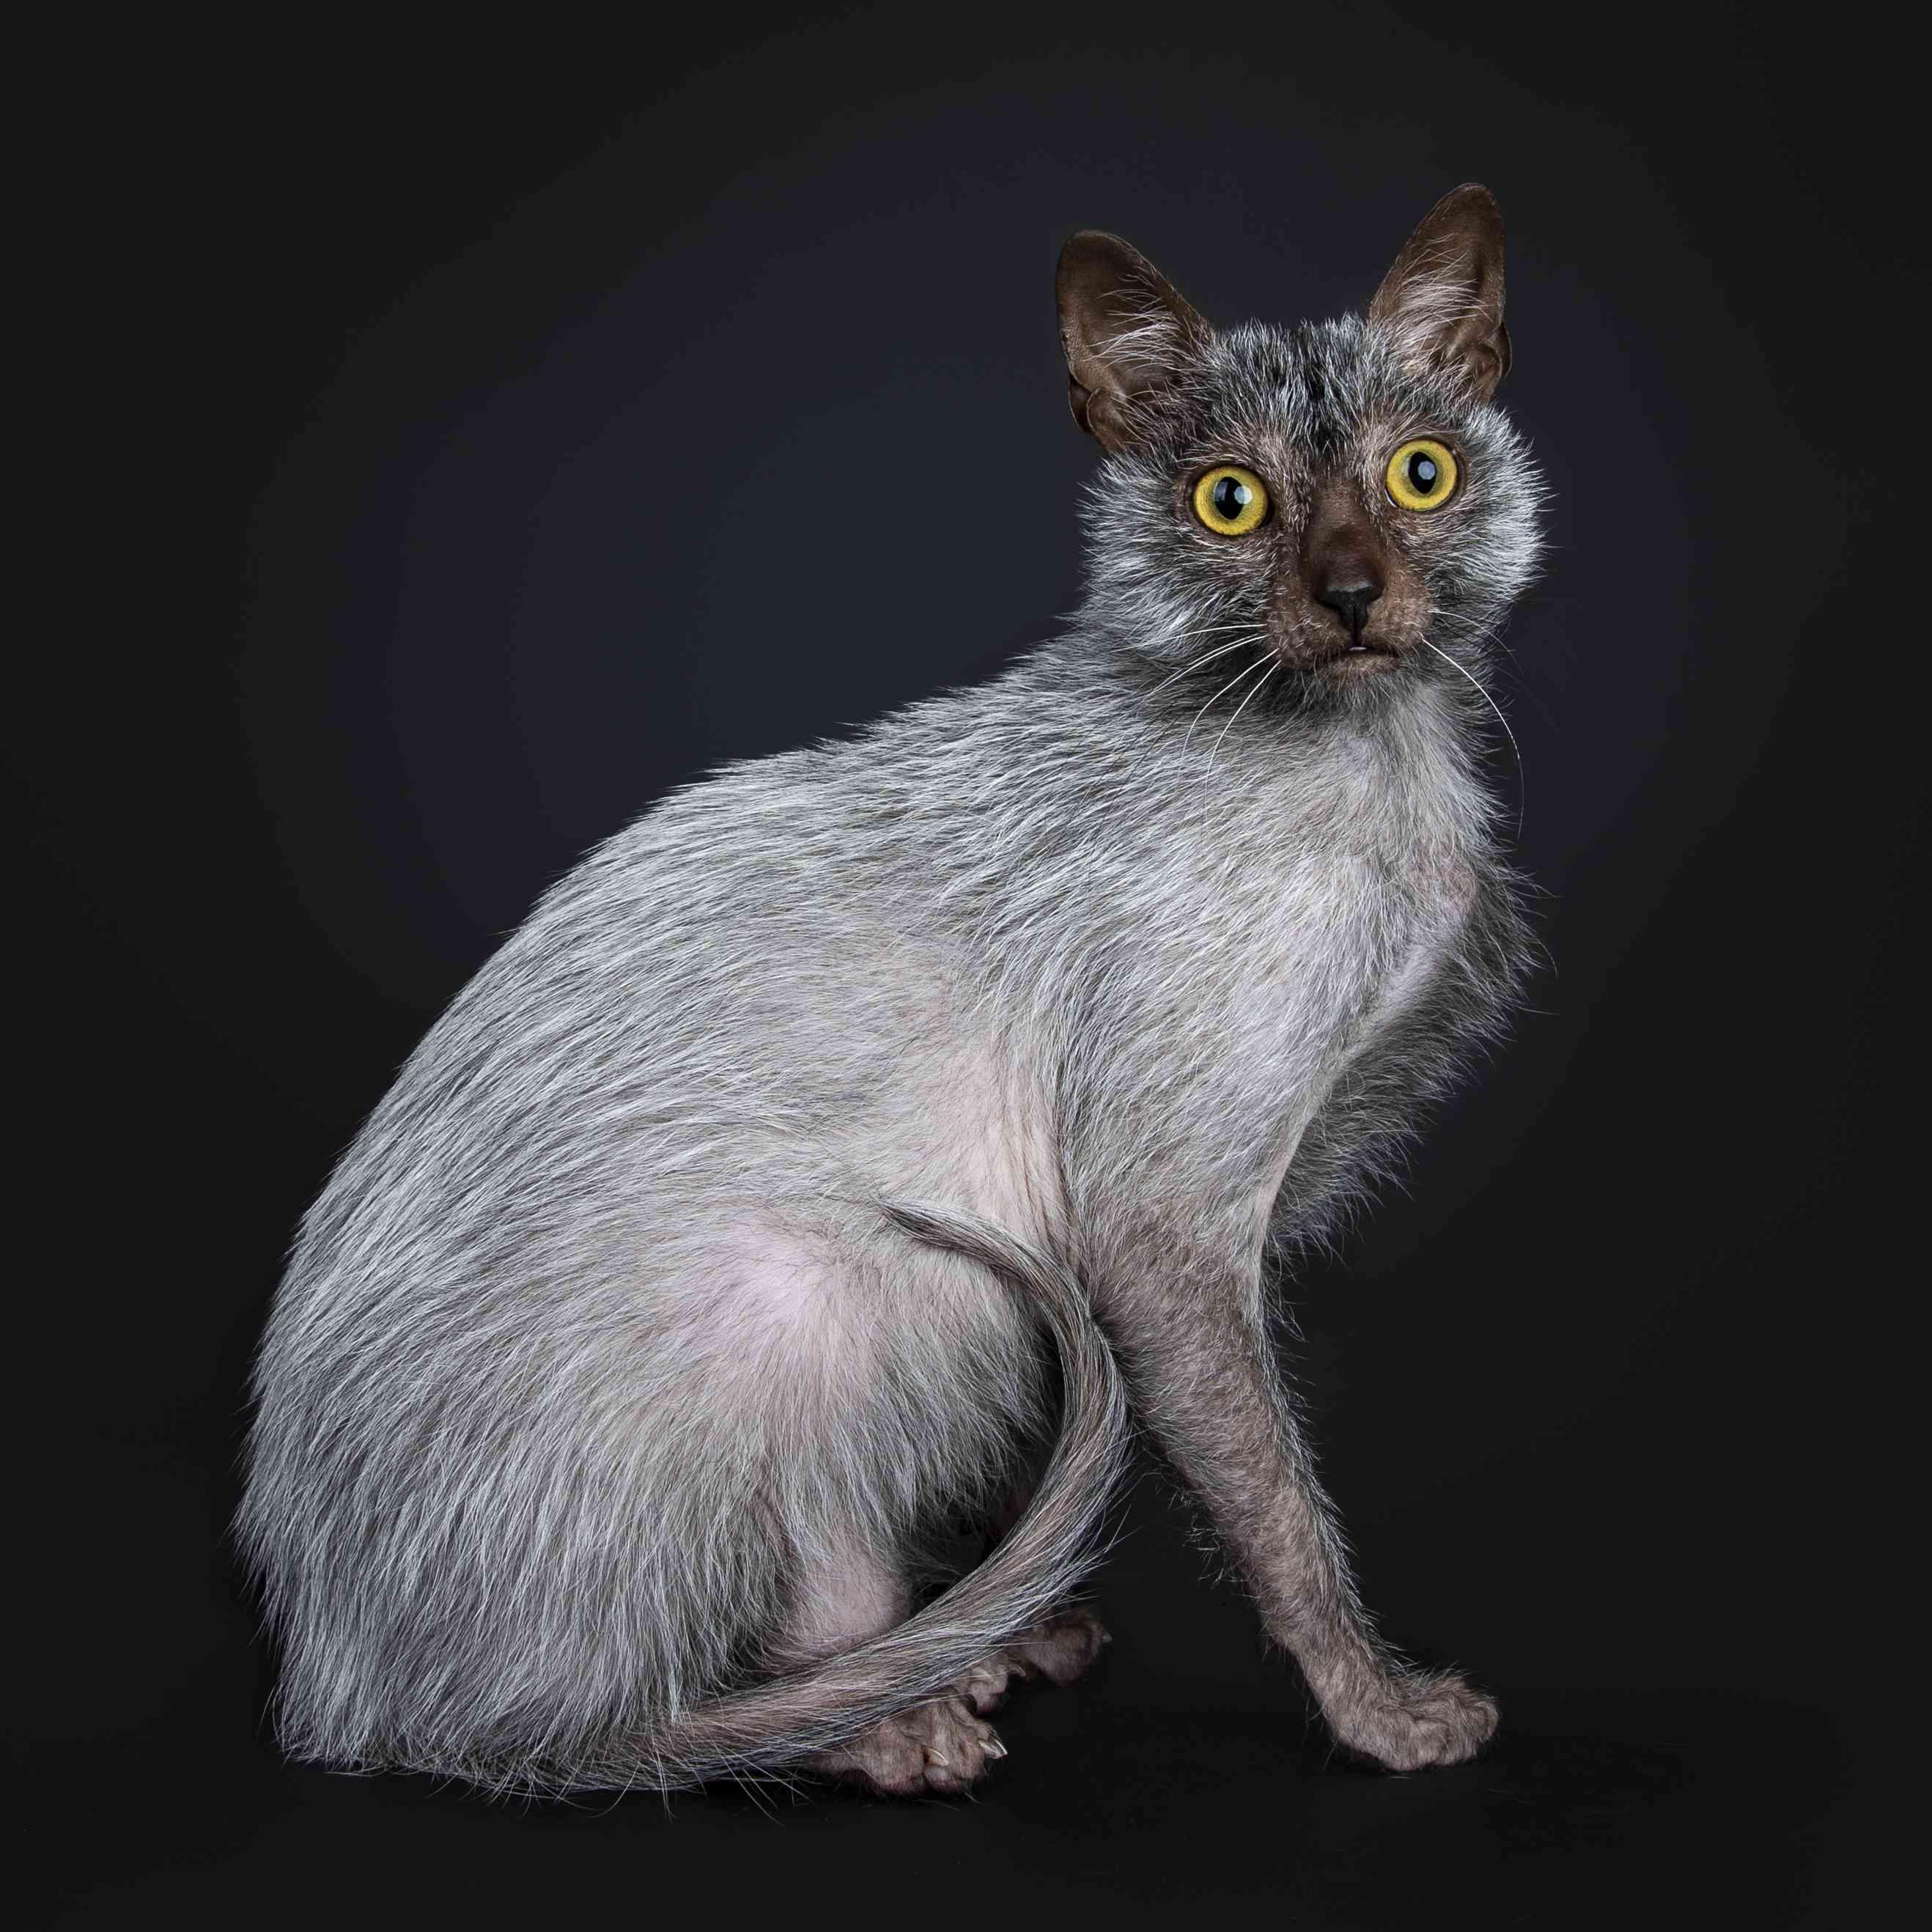 Lykoi cat breed portrait